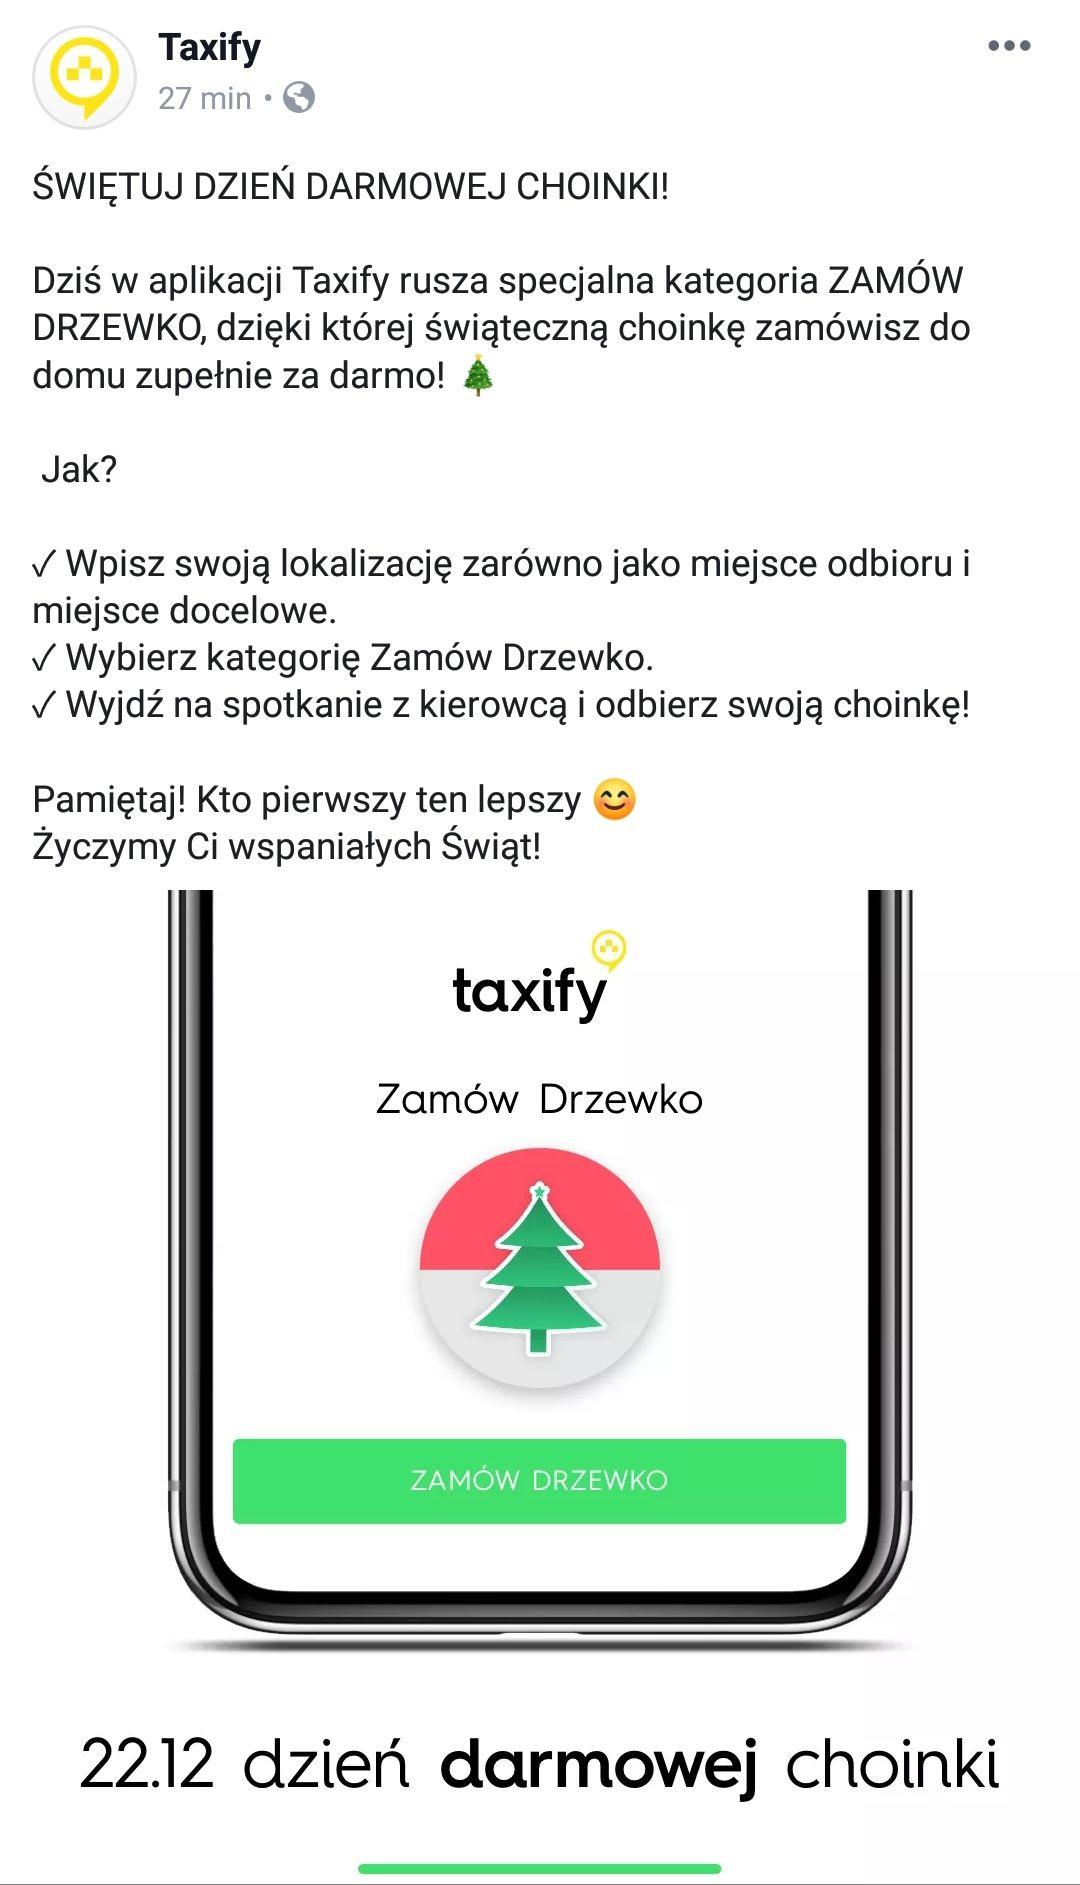 DARMOWA CHOINKA POD DRZWI OD TAXIFY (Warszawa)